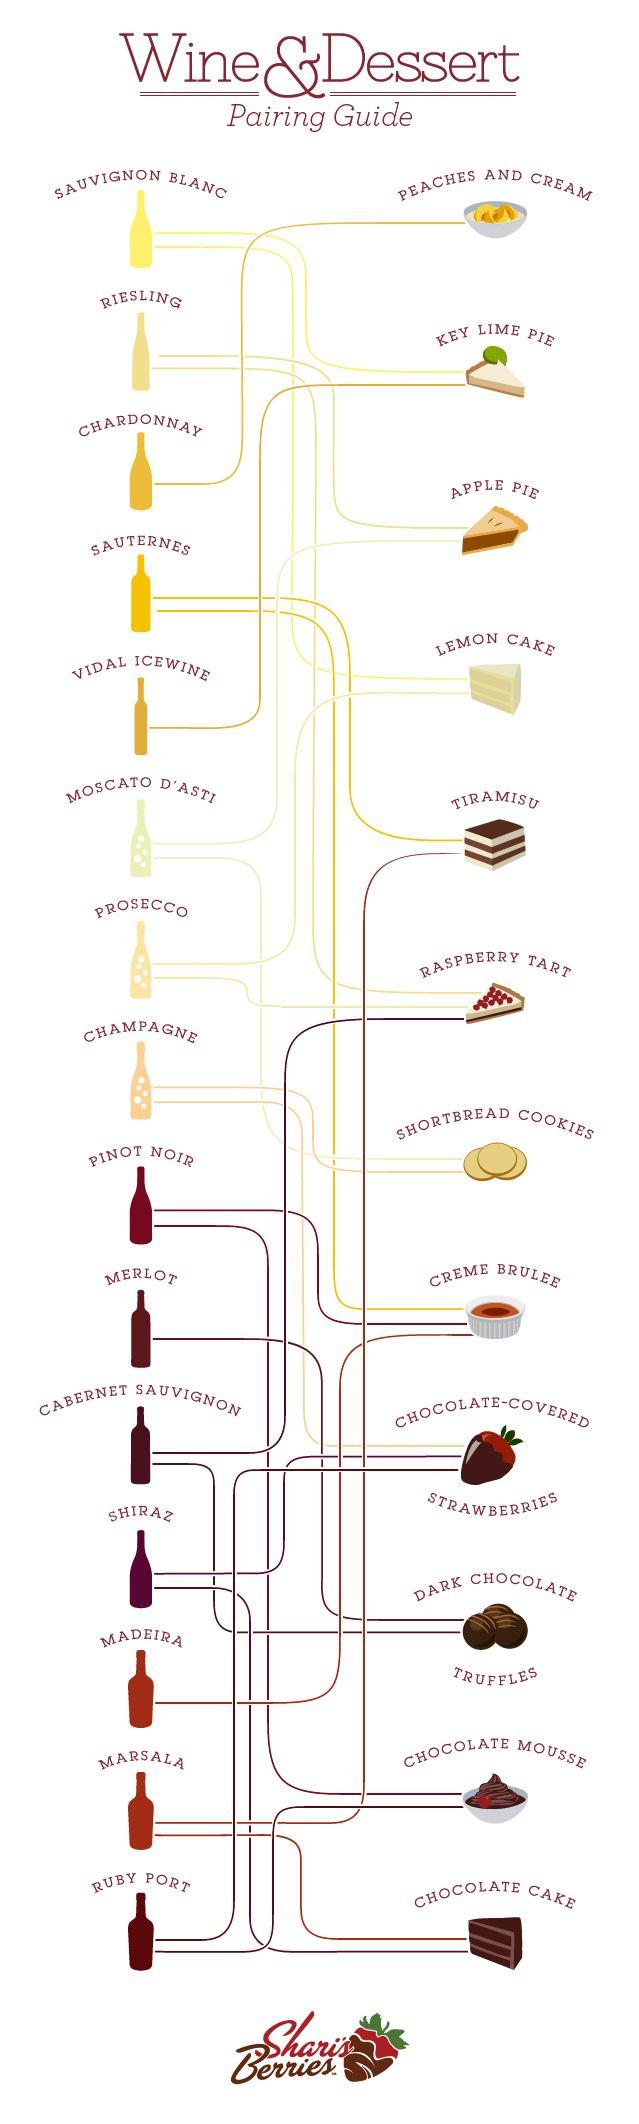 Wine & Desert Pairing - Yum!